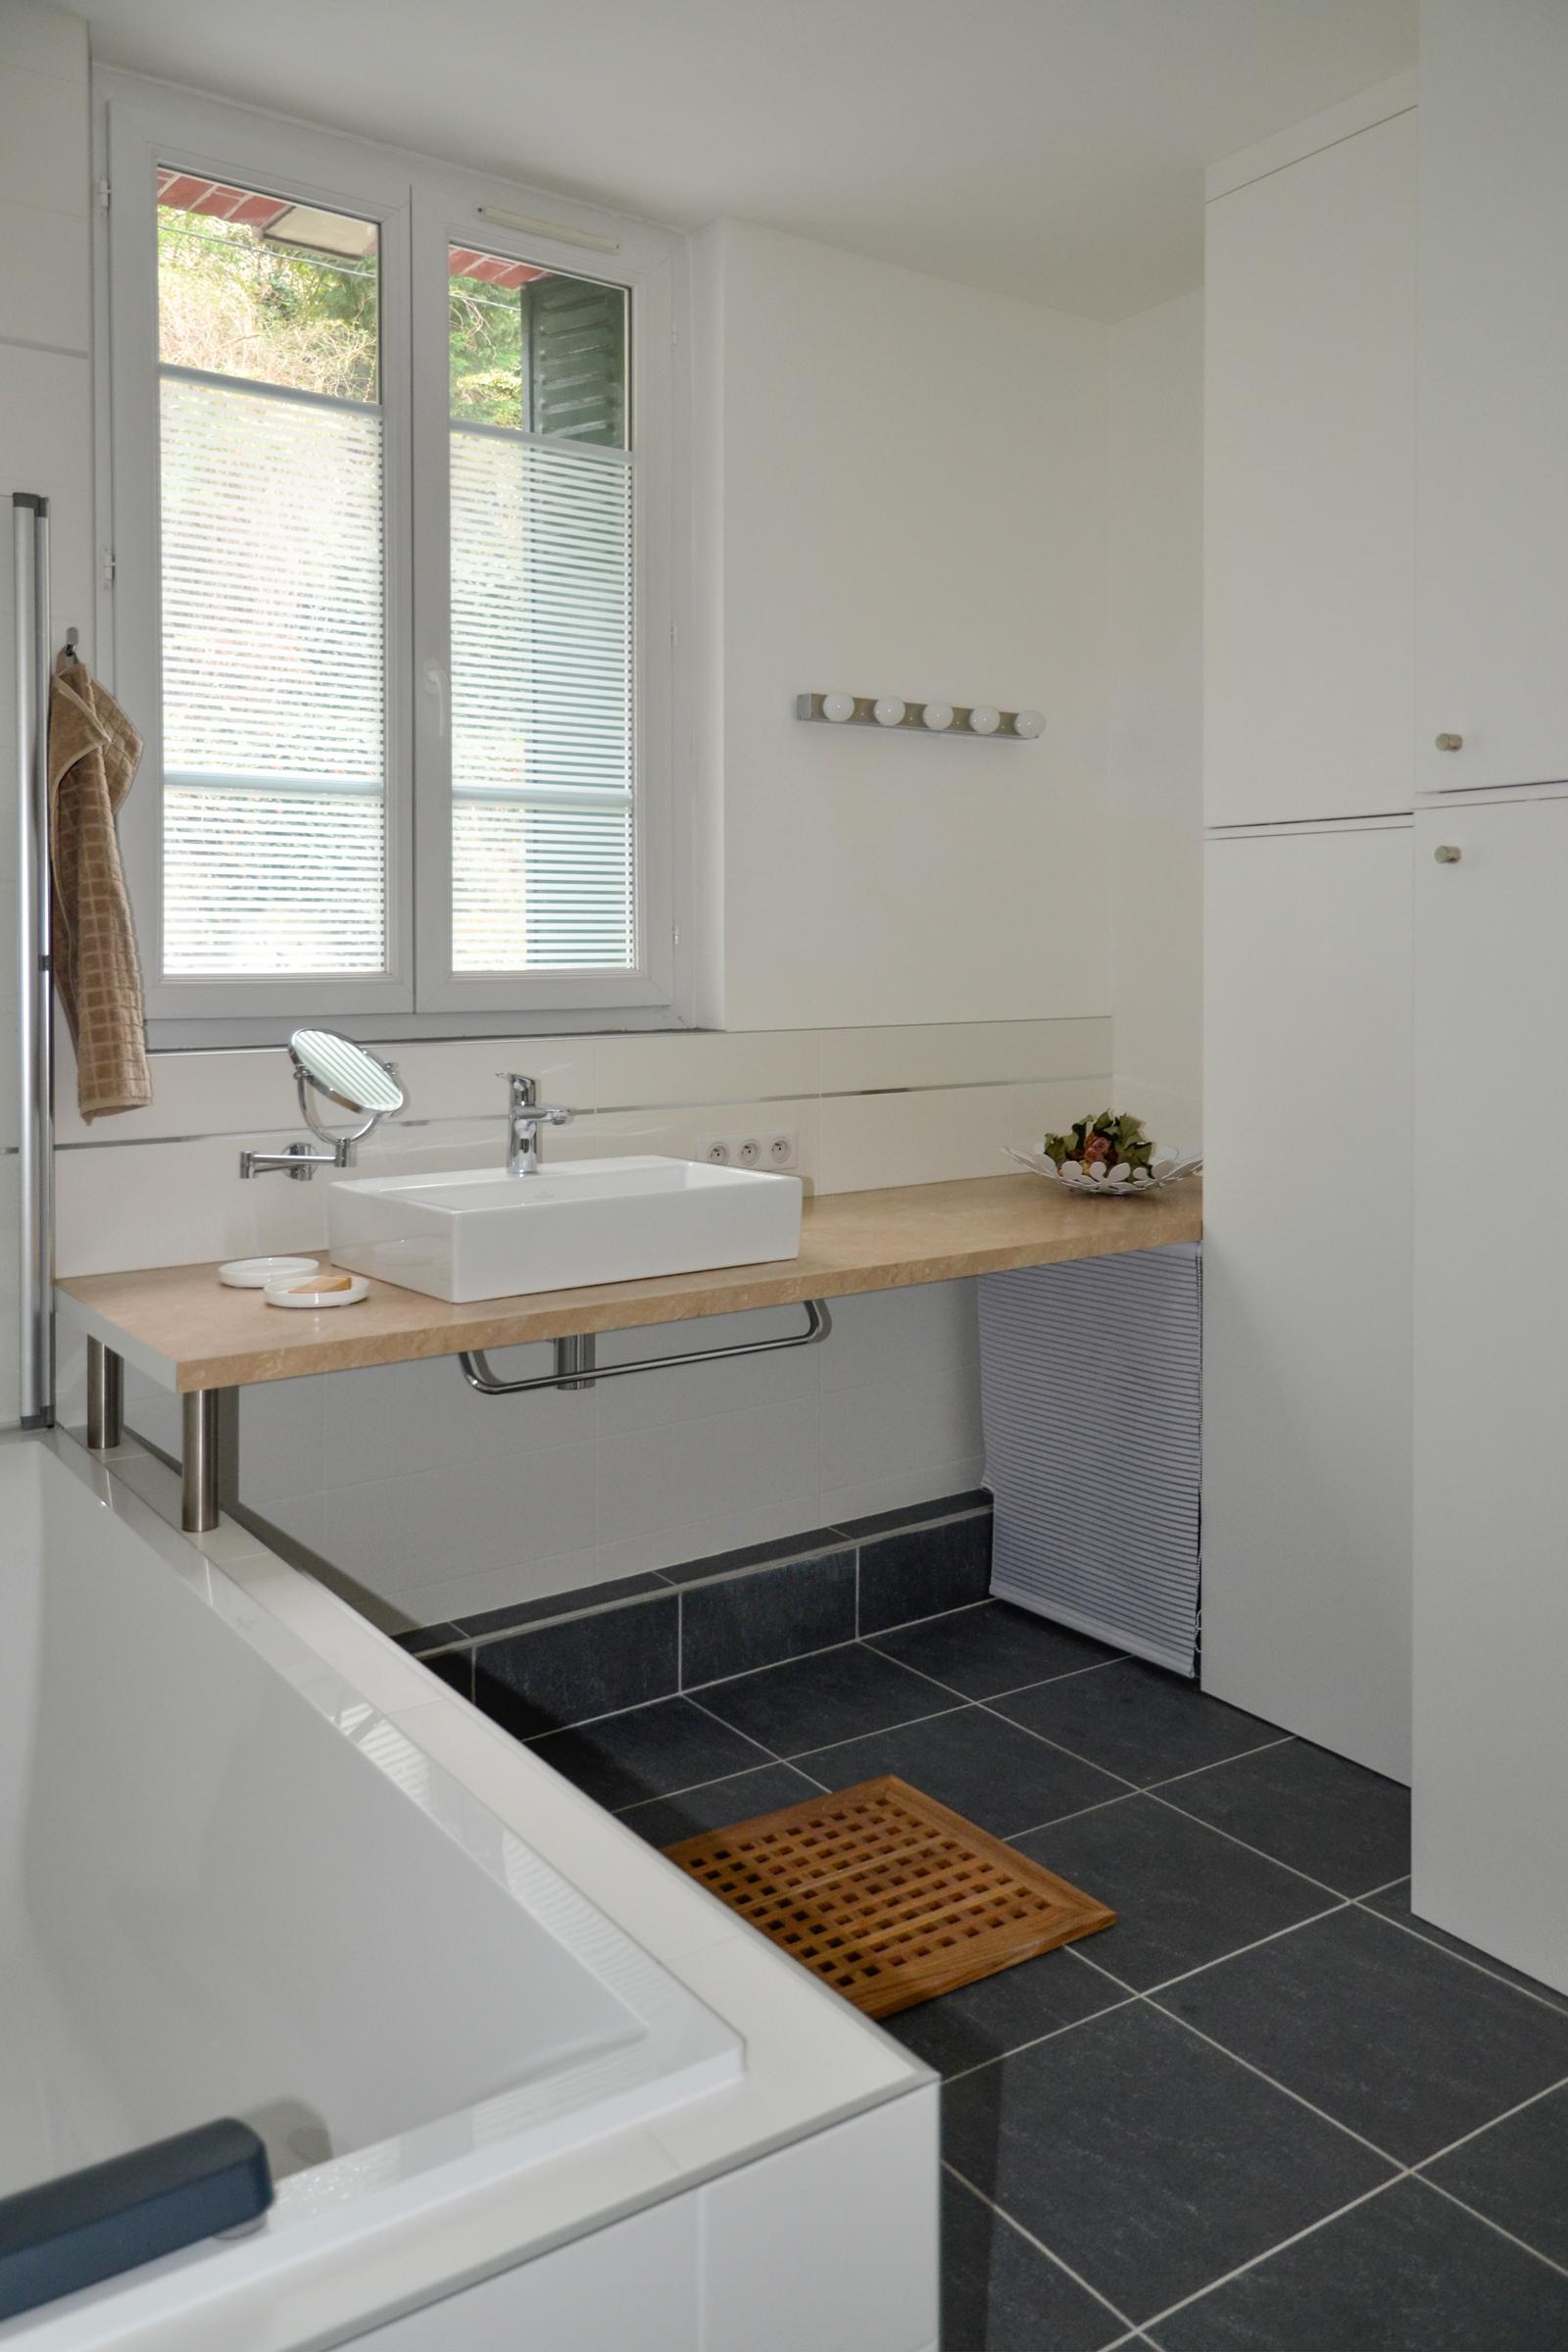 Norme Dtu Salle De Bain ~ l envers du d cor particuliers salles de bains wc r novation